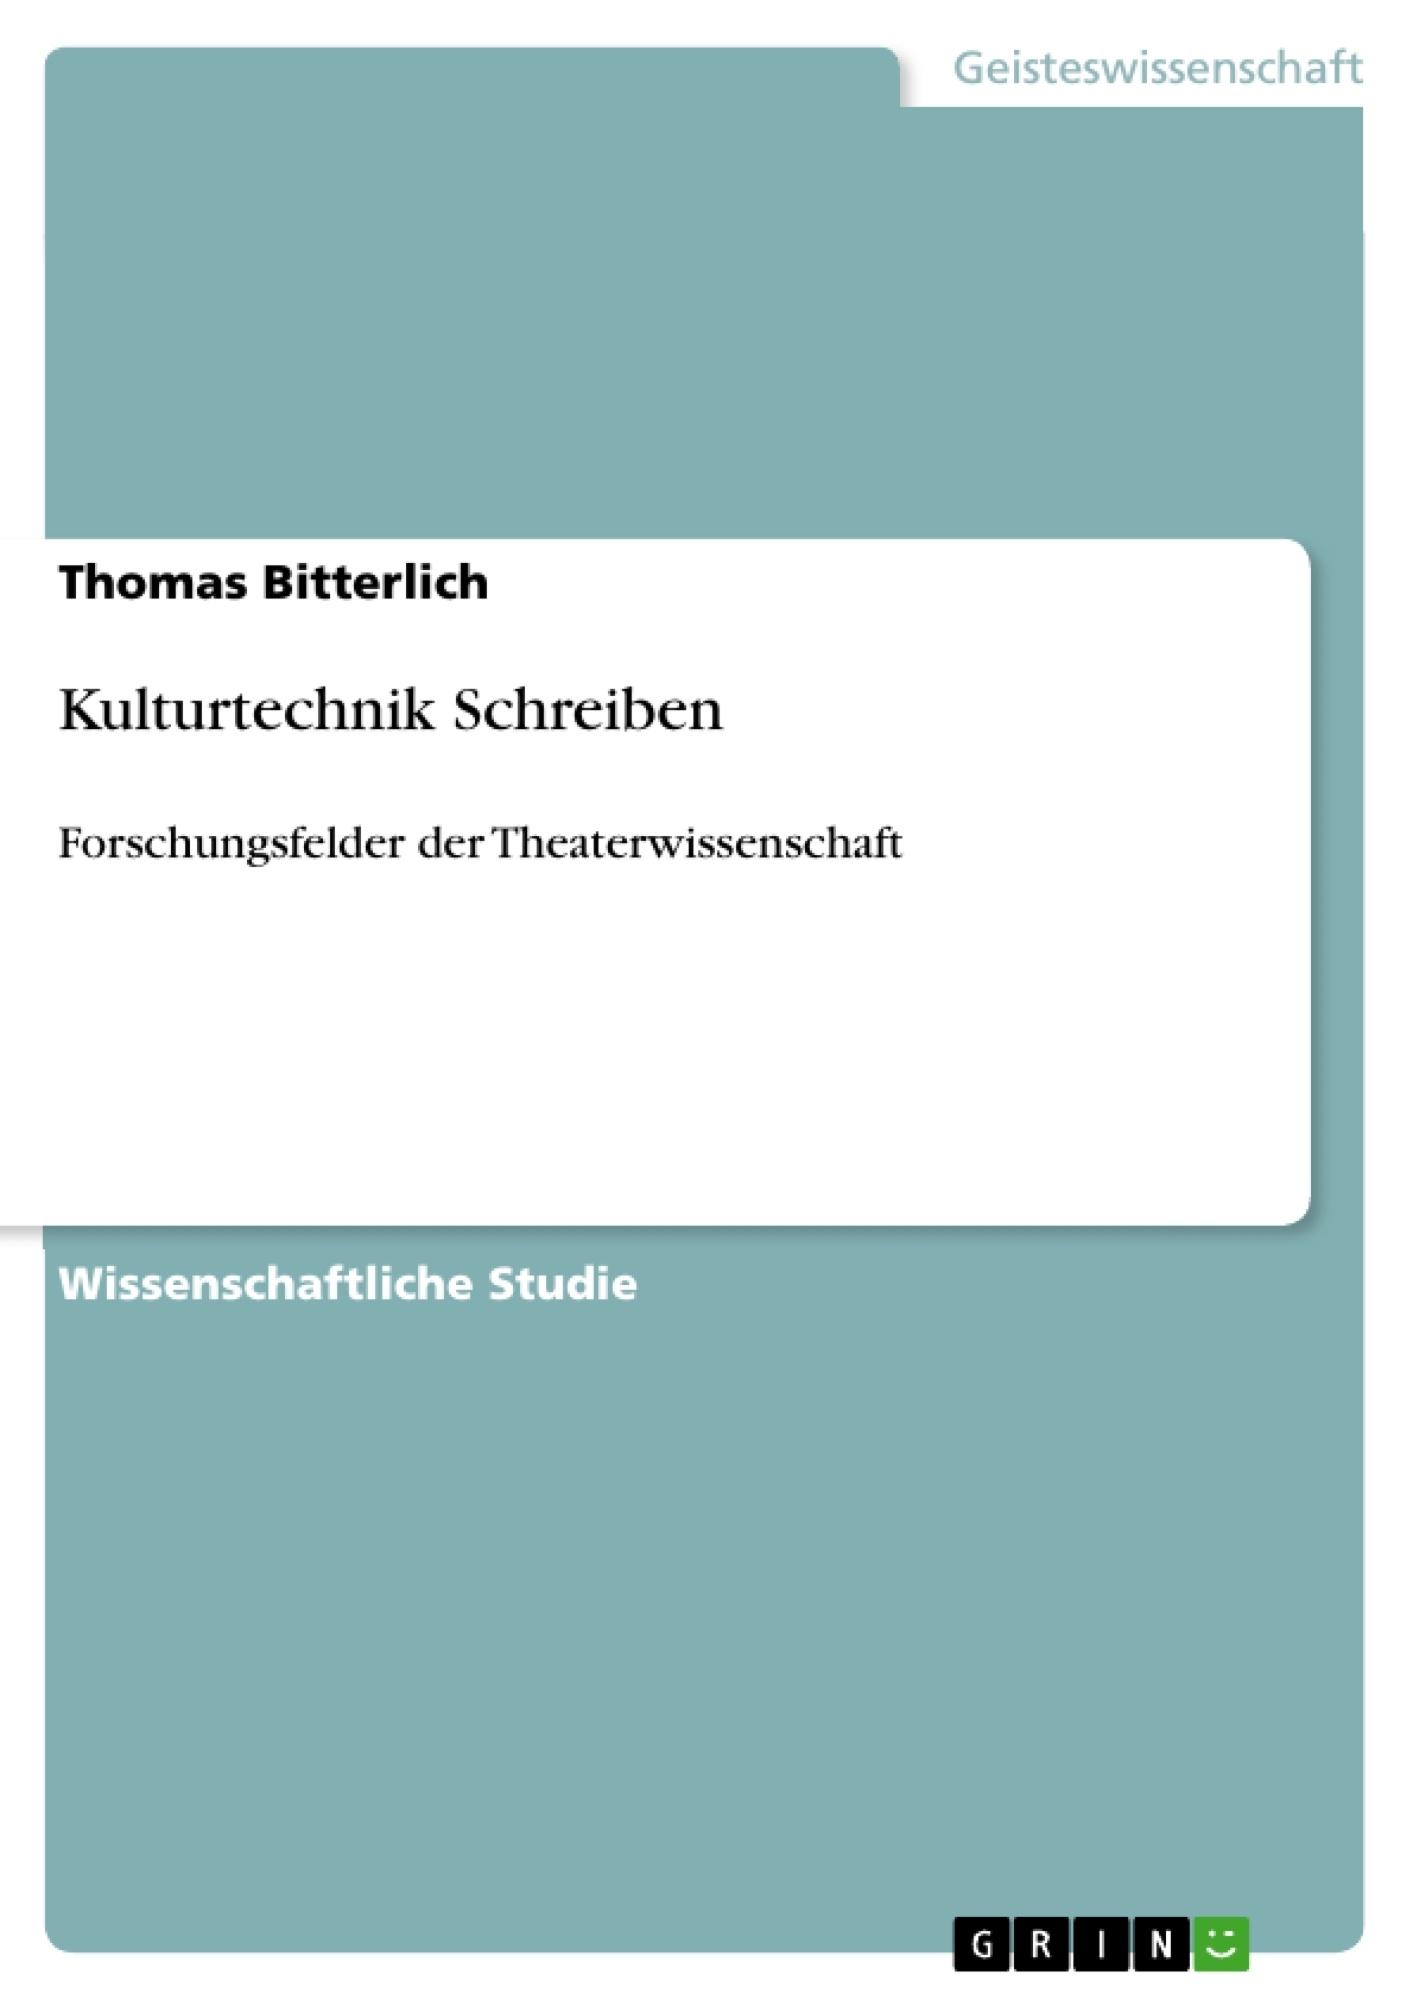 Titel: Kulturtechnik Schreiben